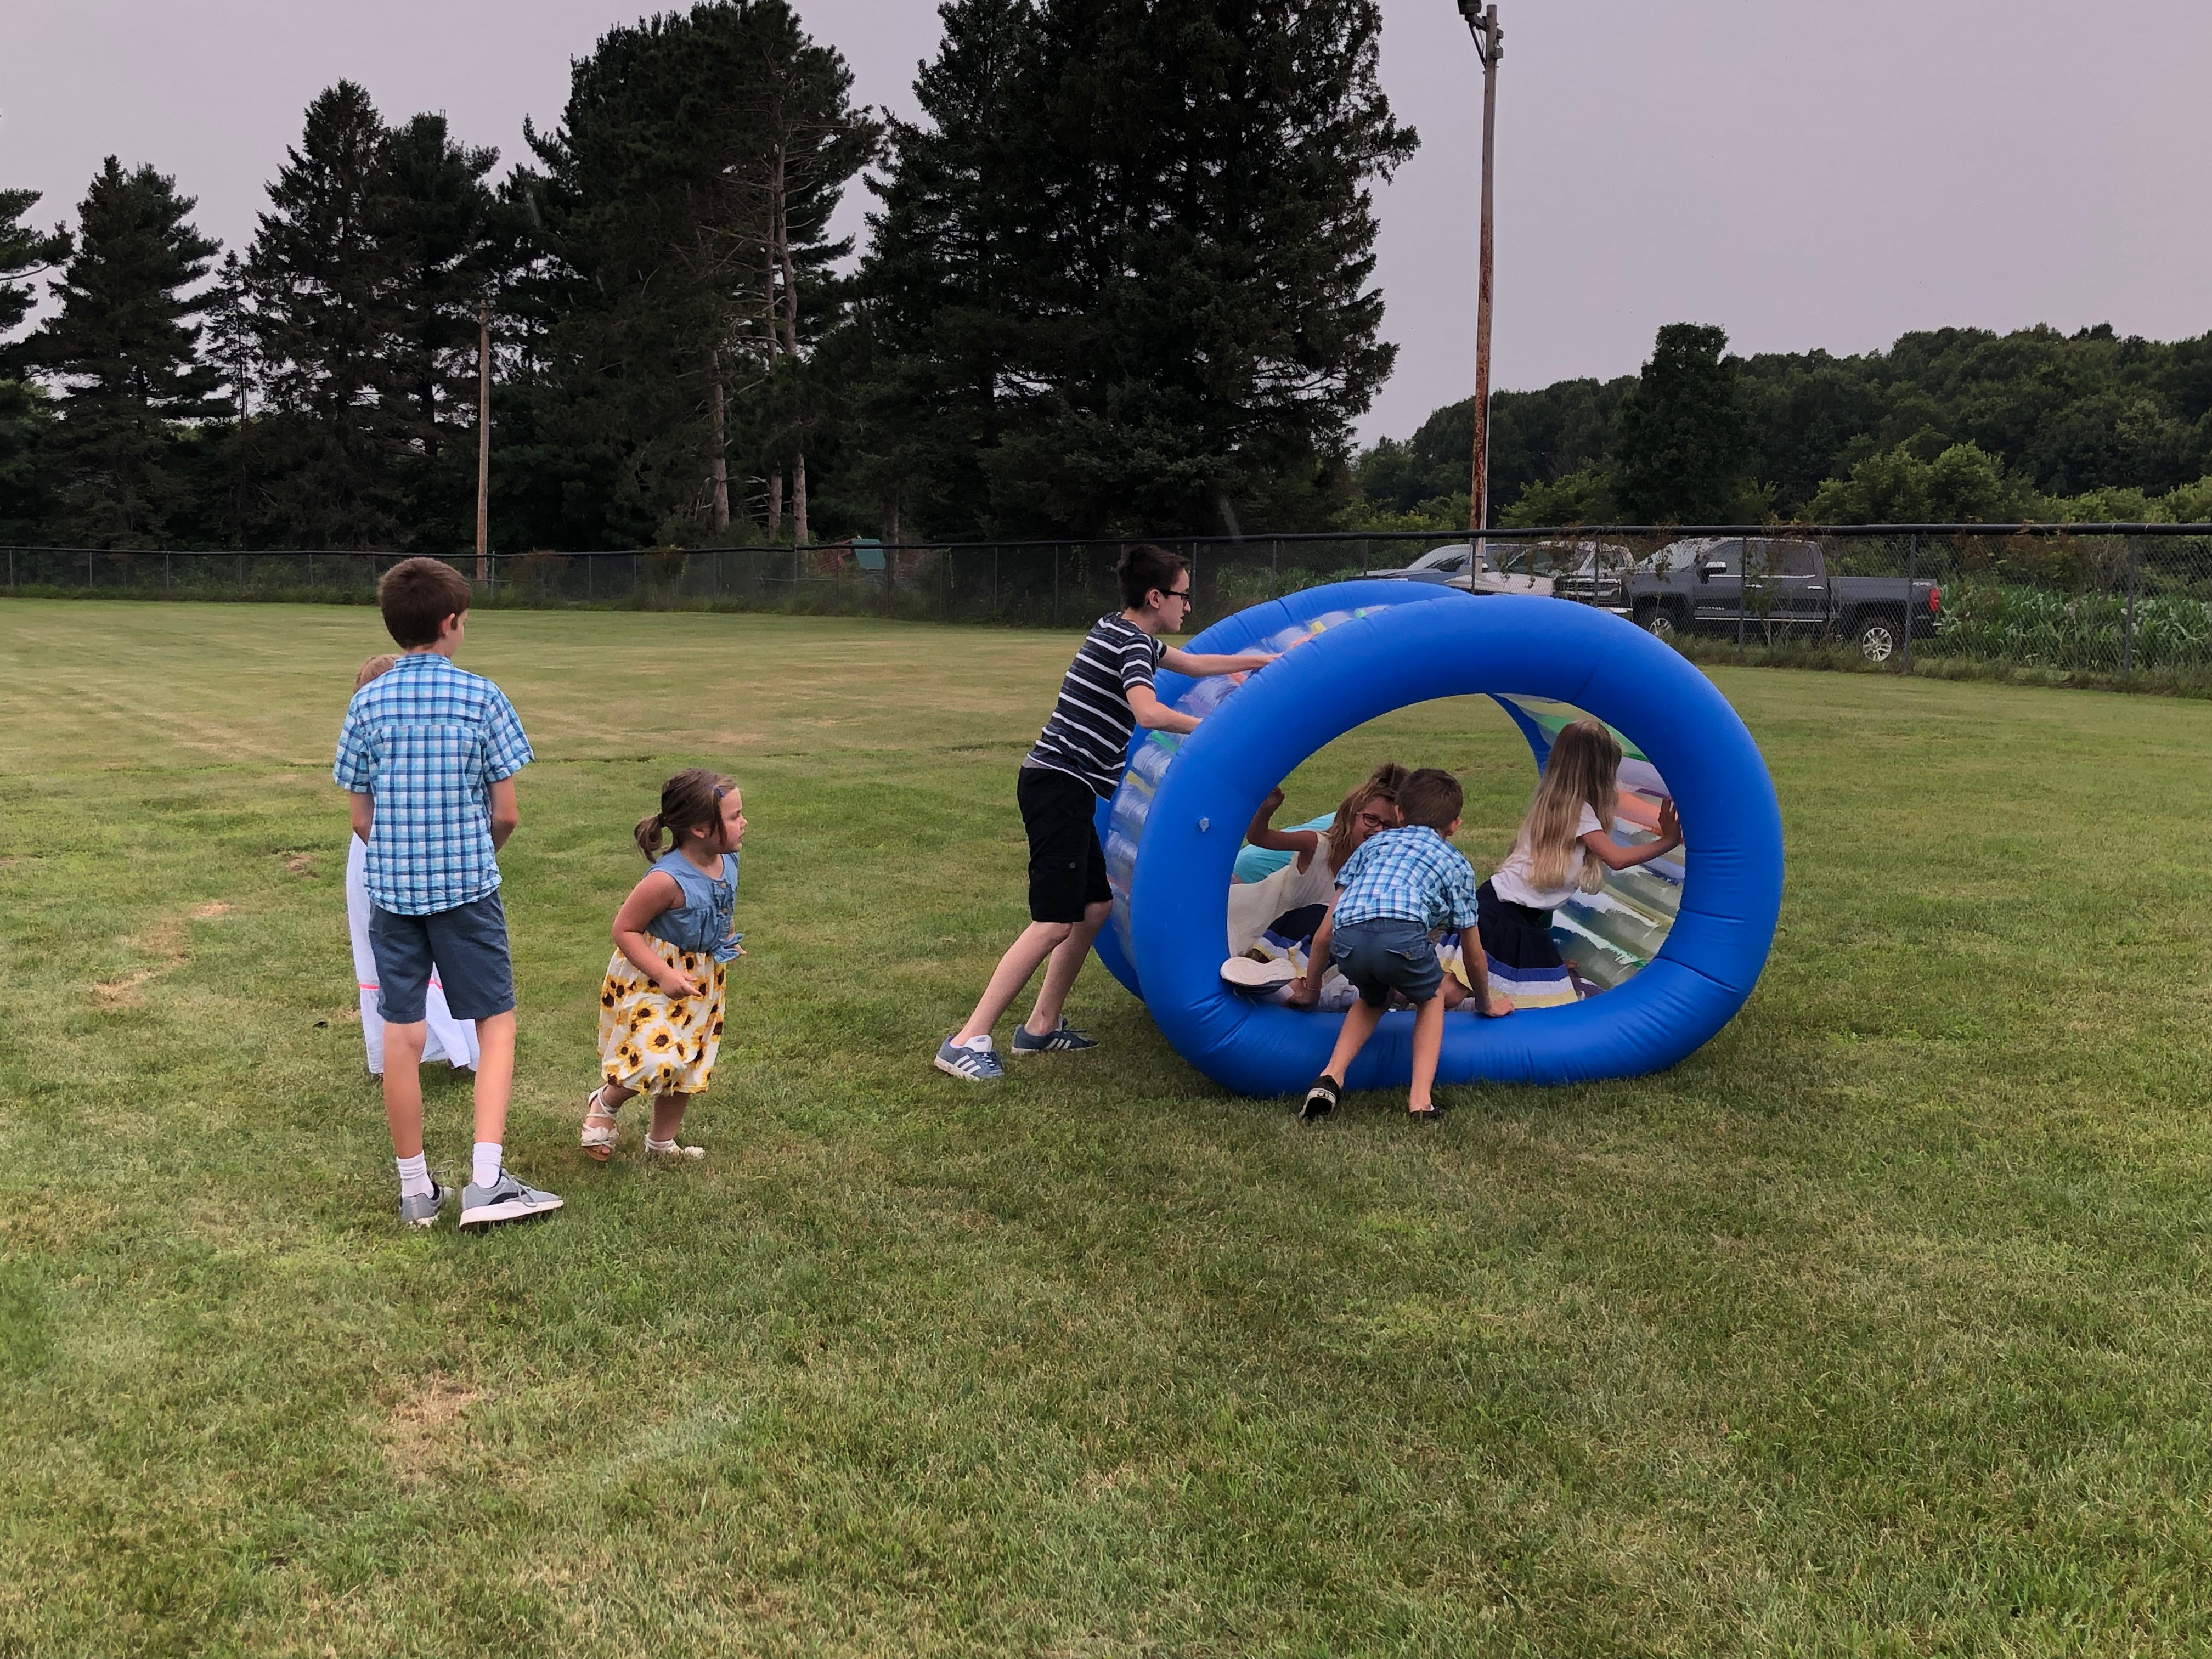 outdoor worship kids playing